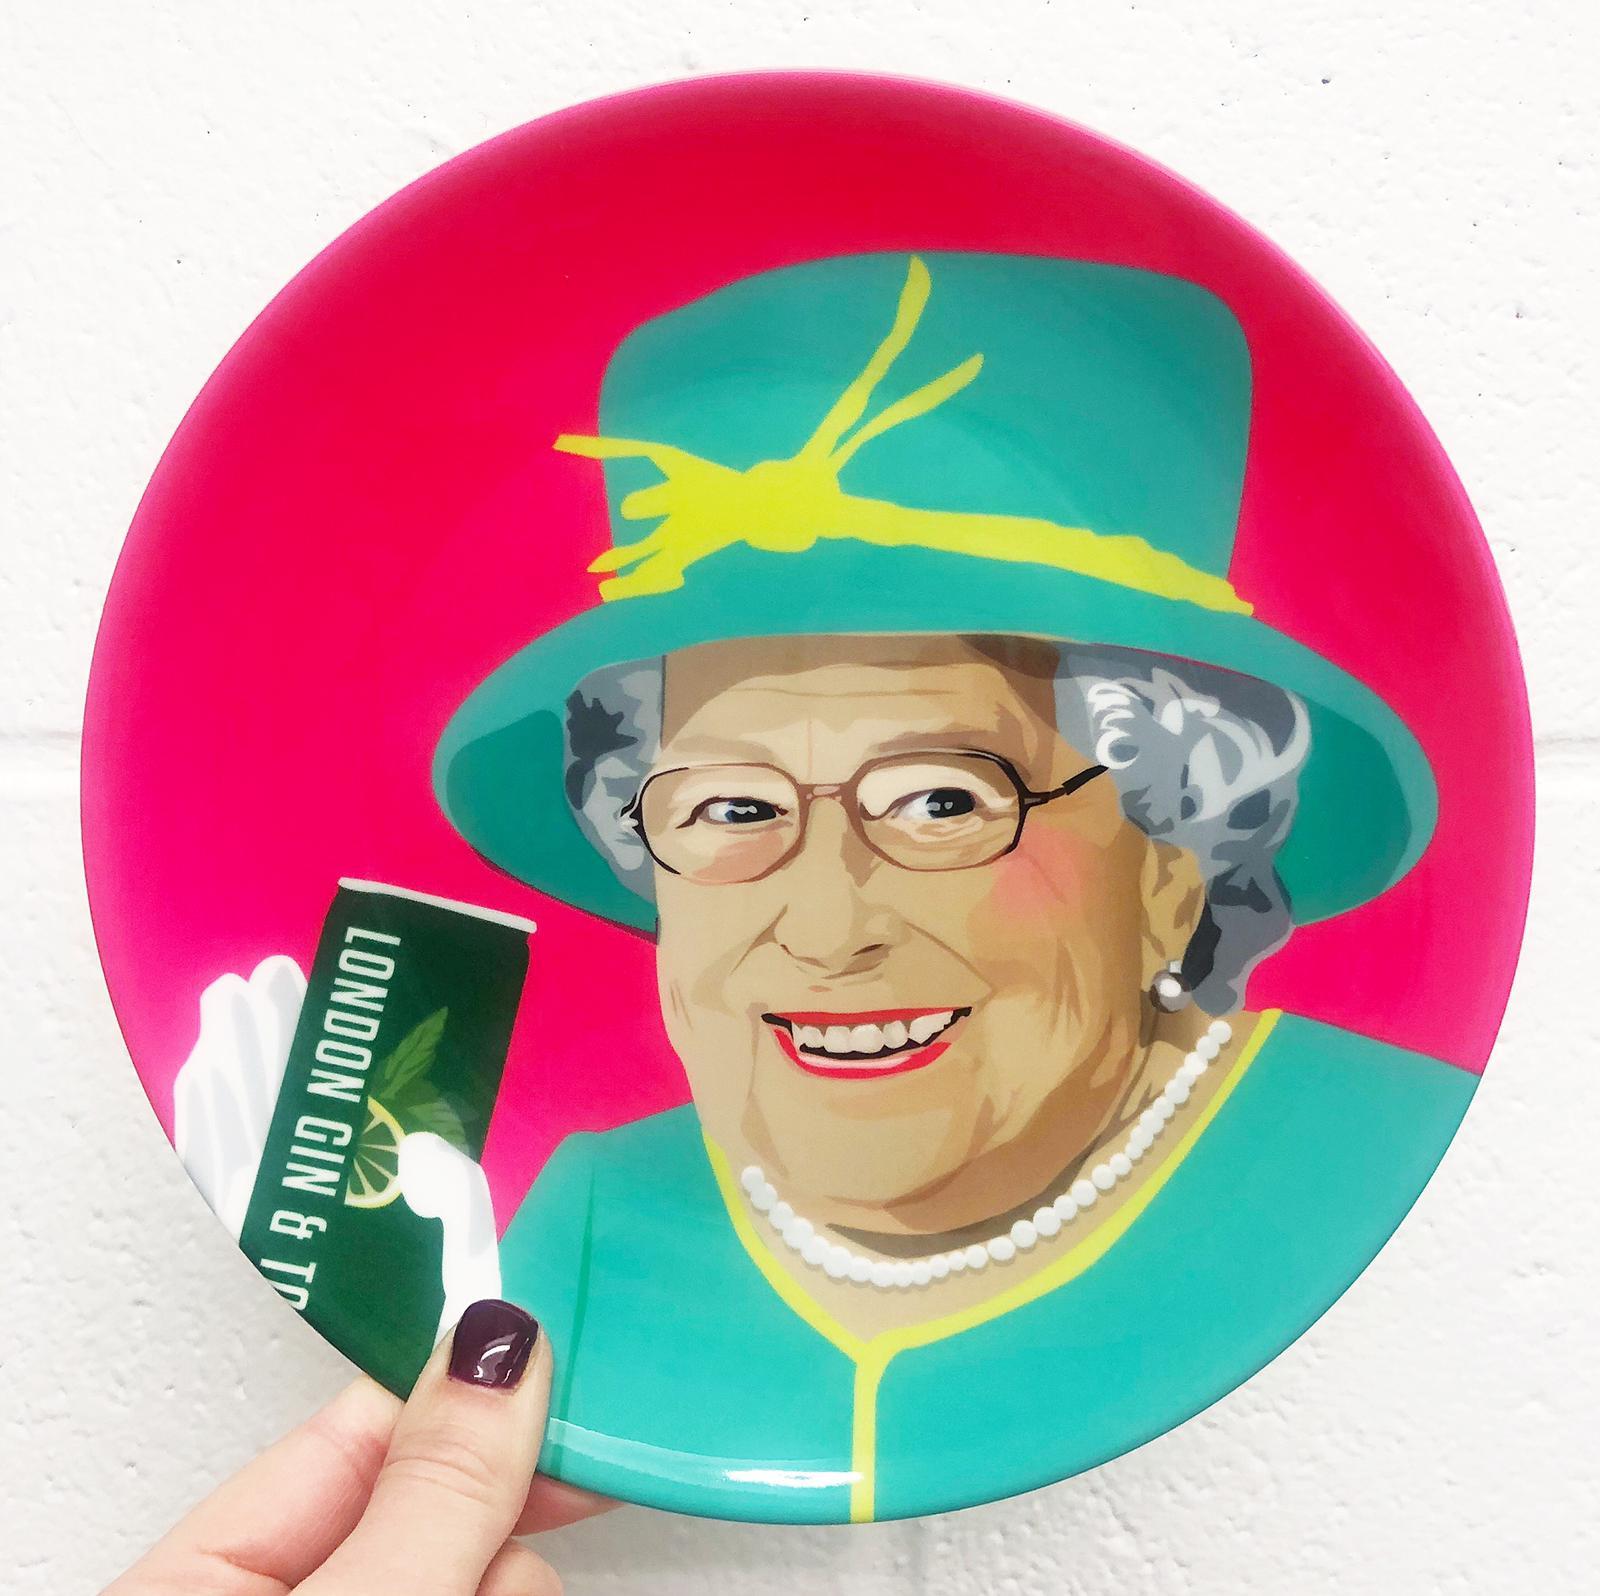 Cool dinner plates: Royal Family by designer Sabi Koz – buy on Artwow